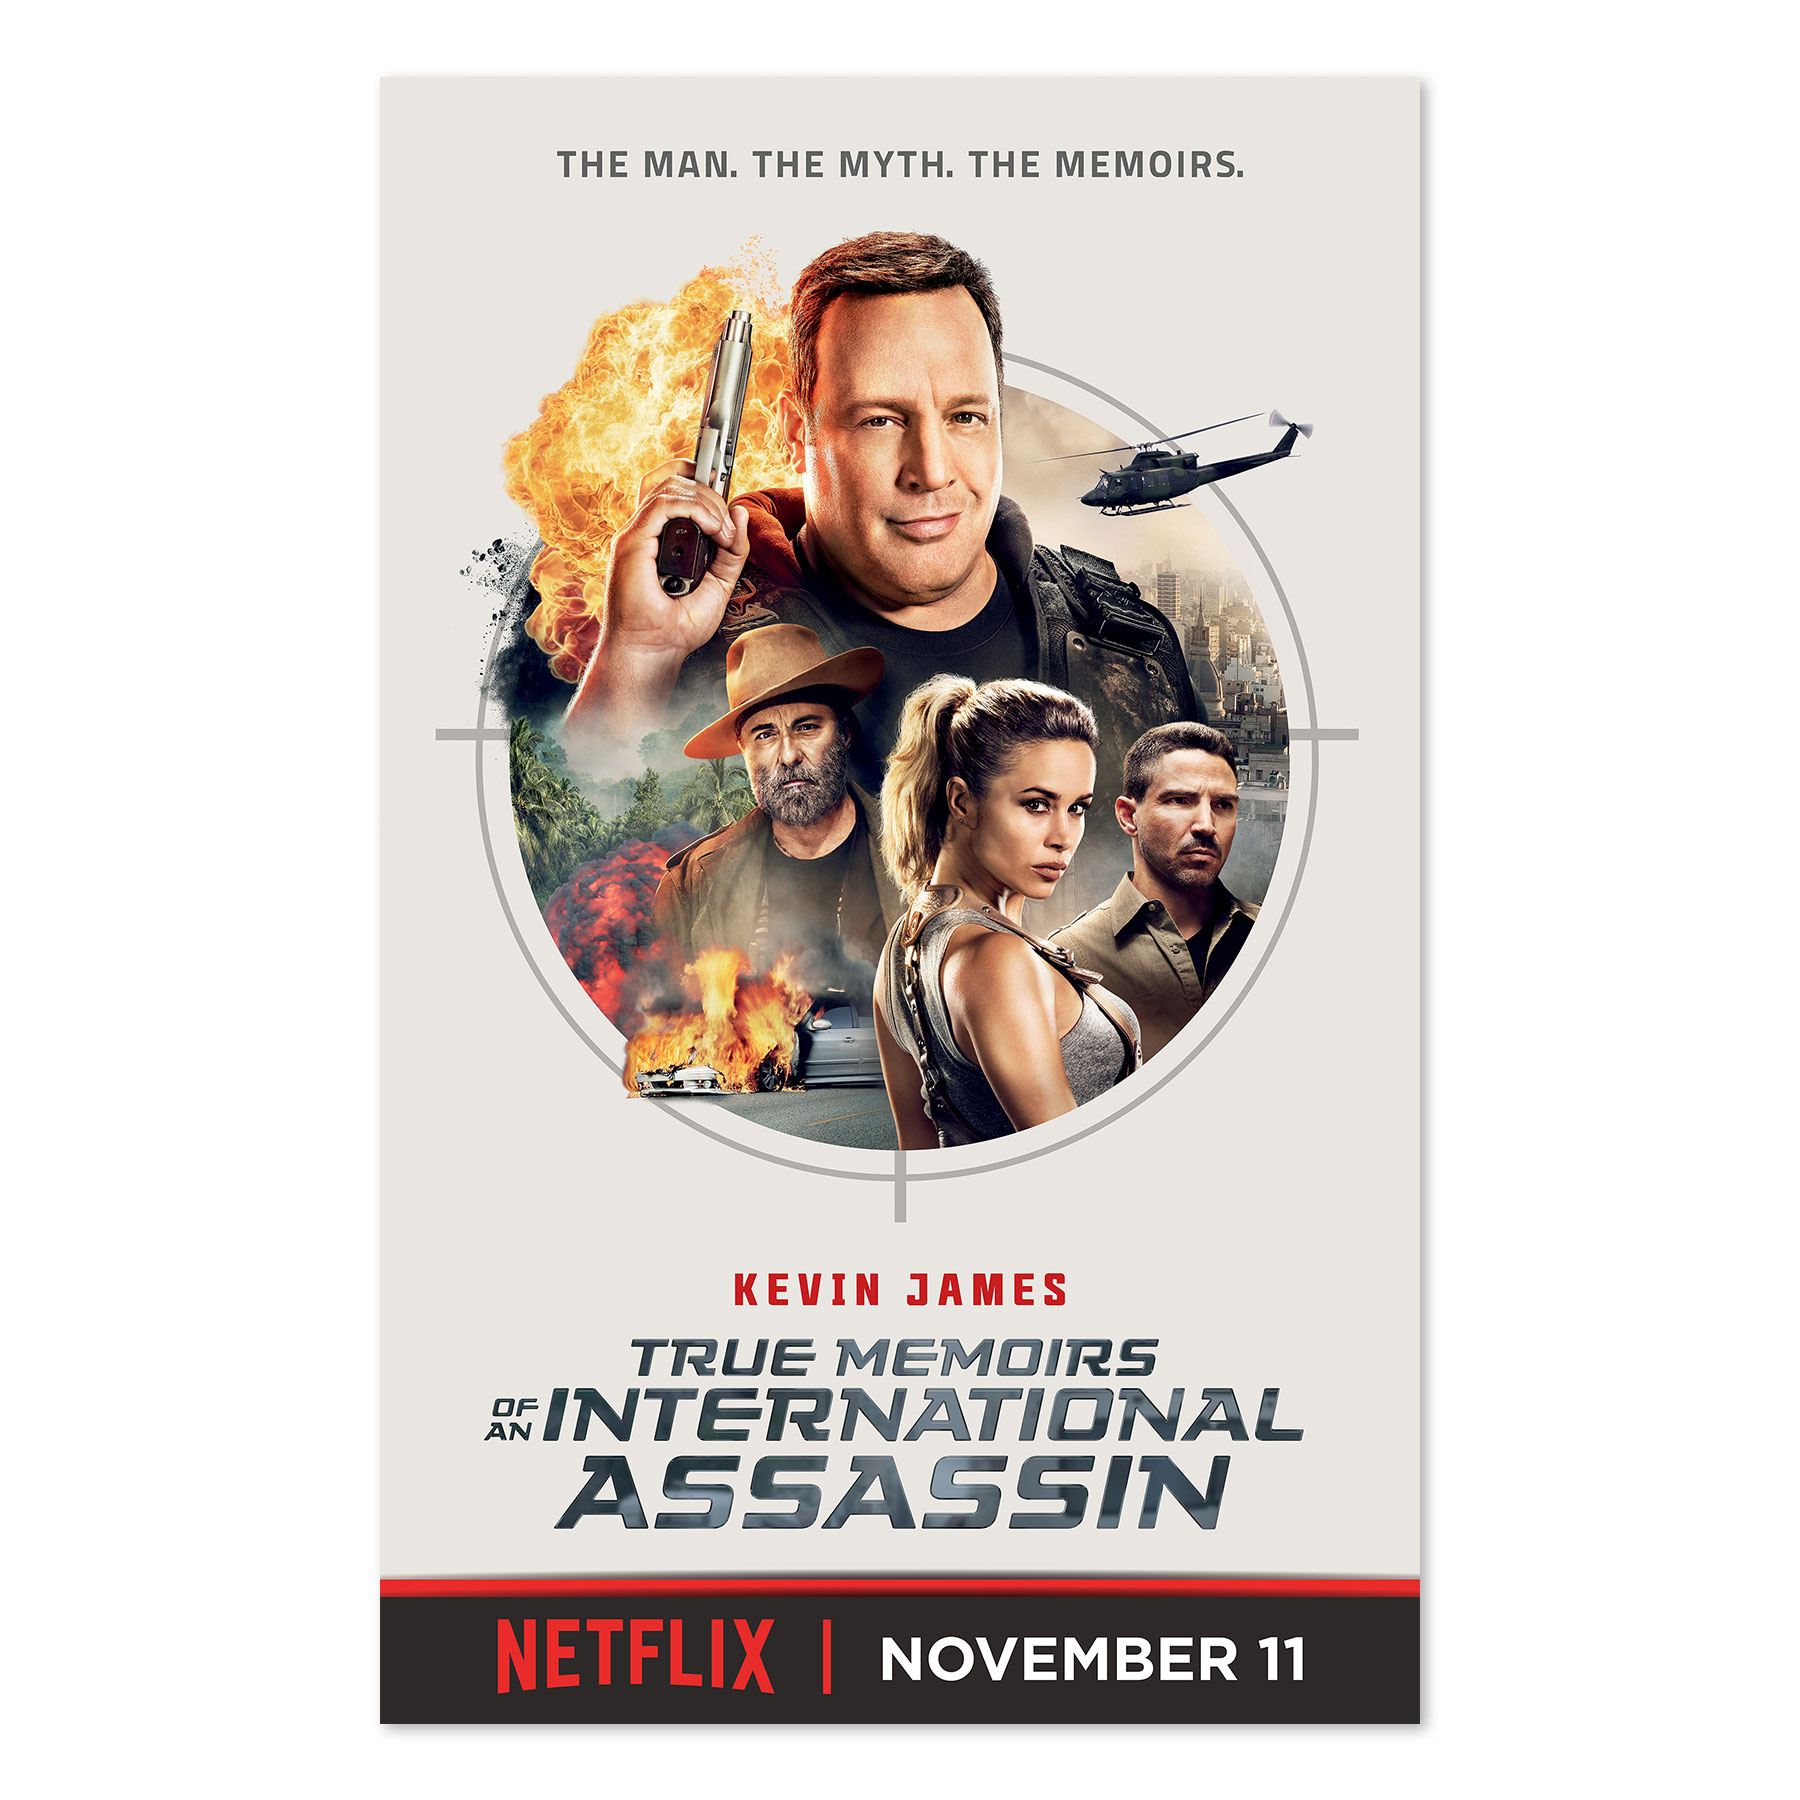 Kevin James Digital Banner for Netflix